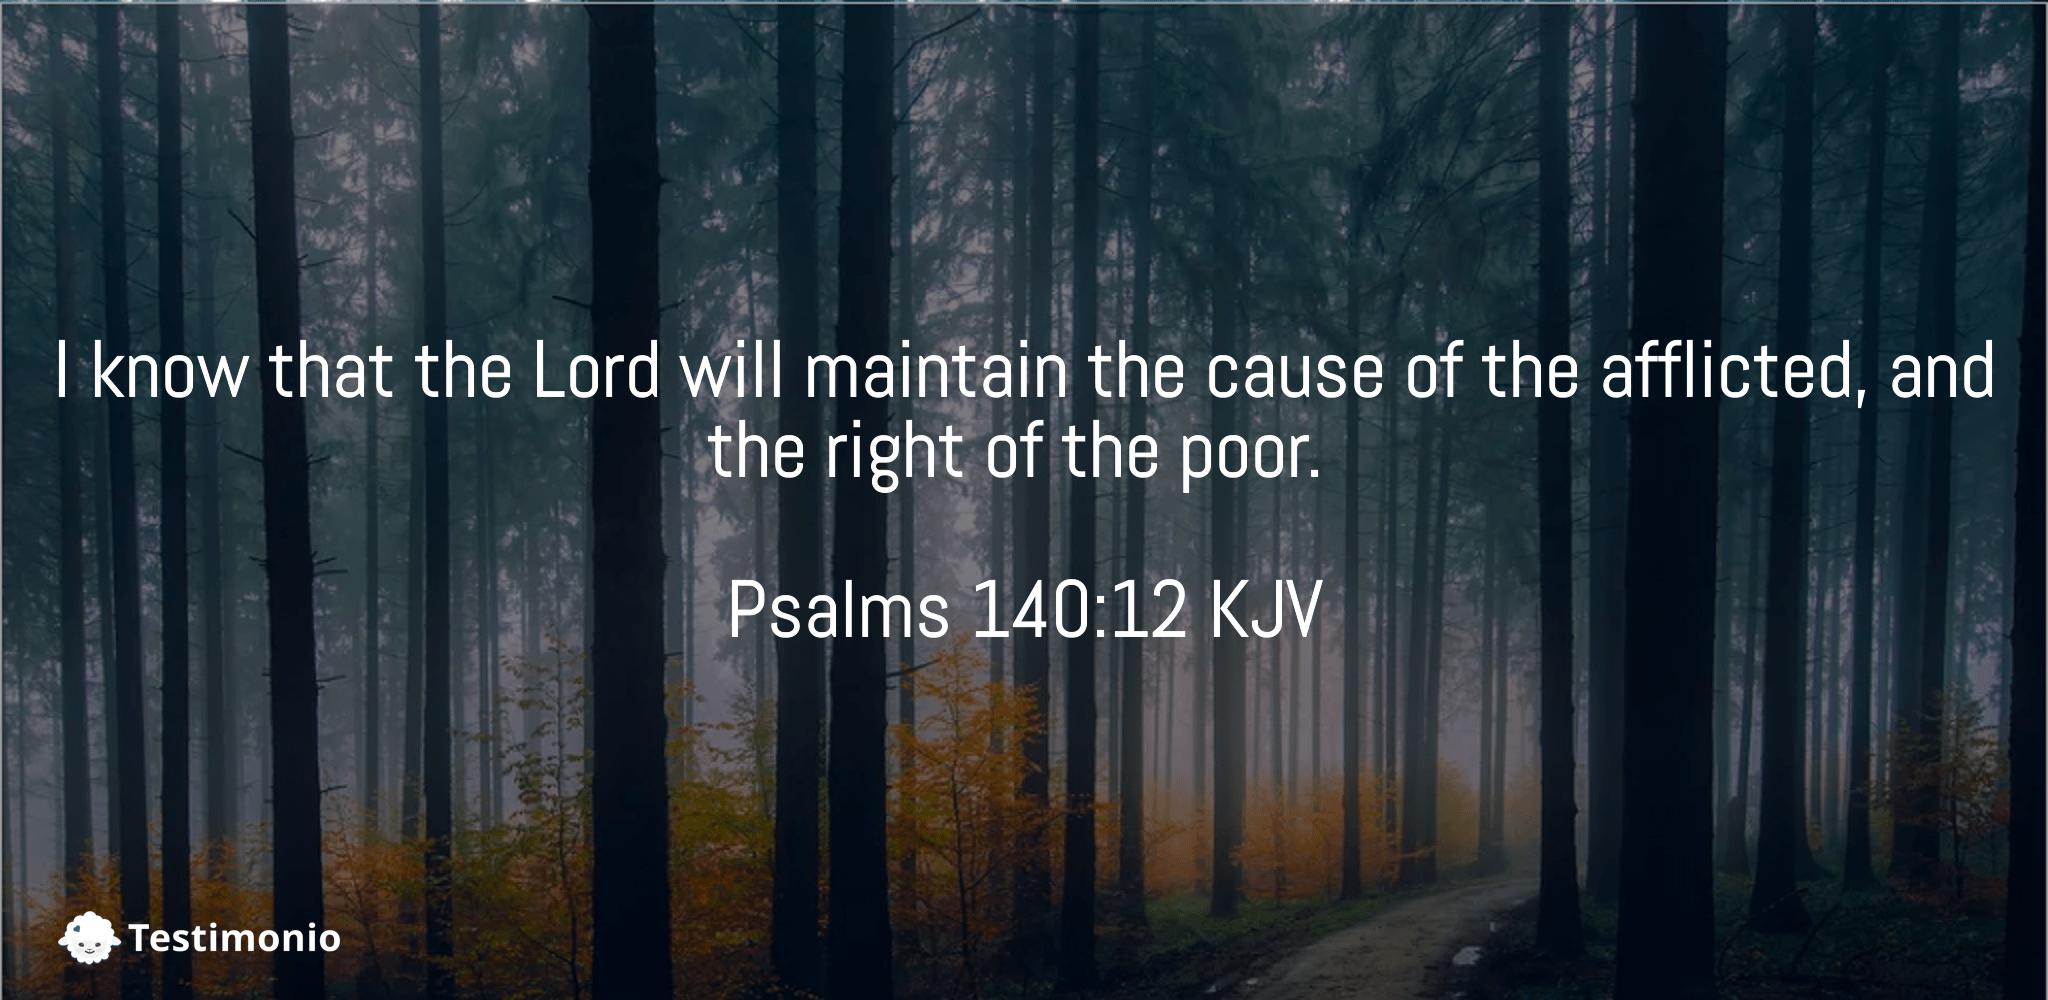 Psalms 140:12